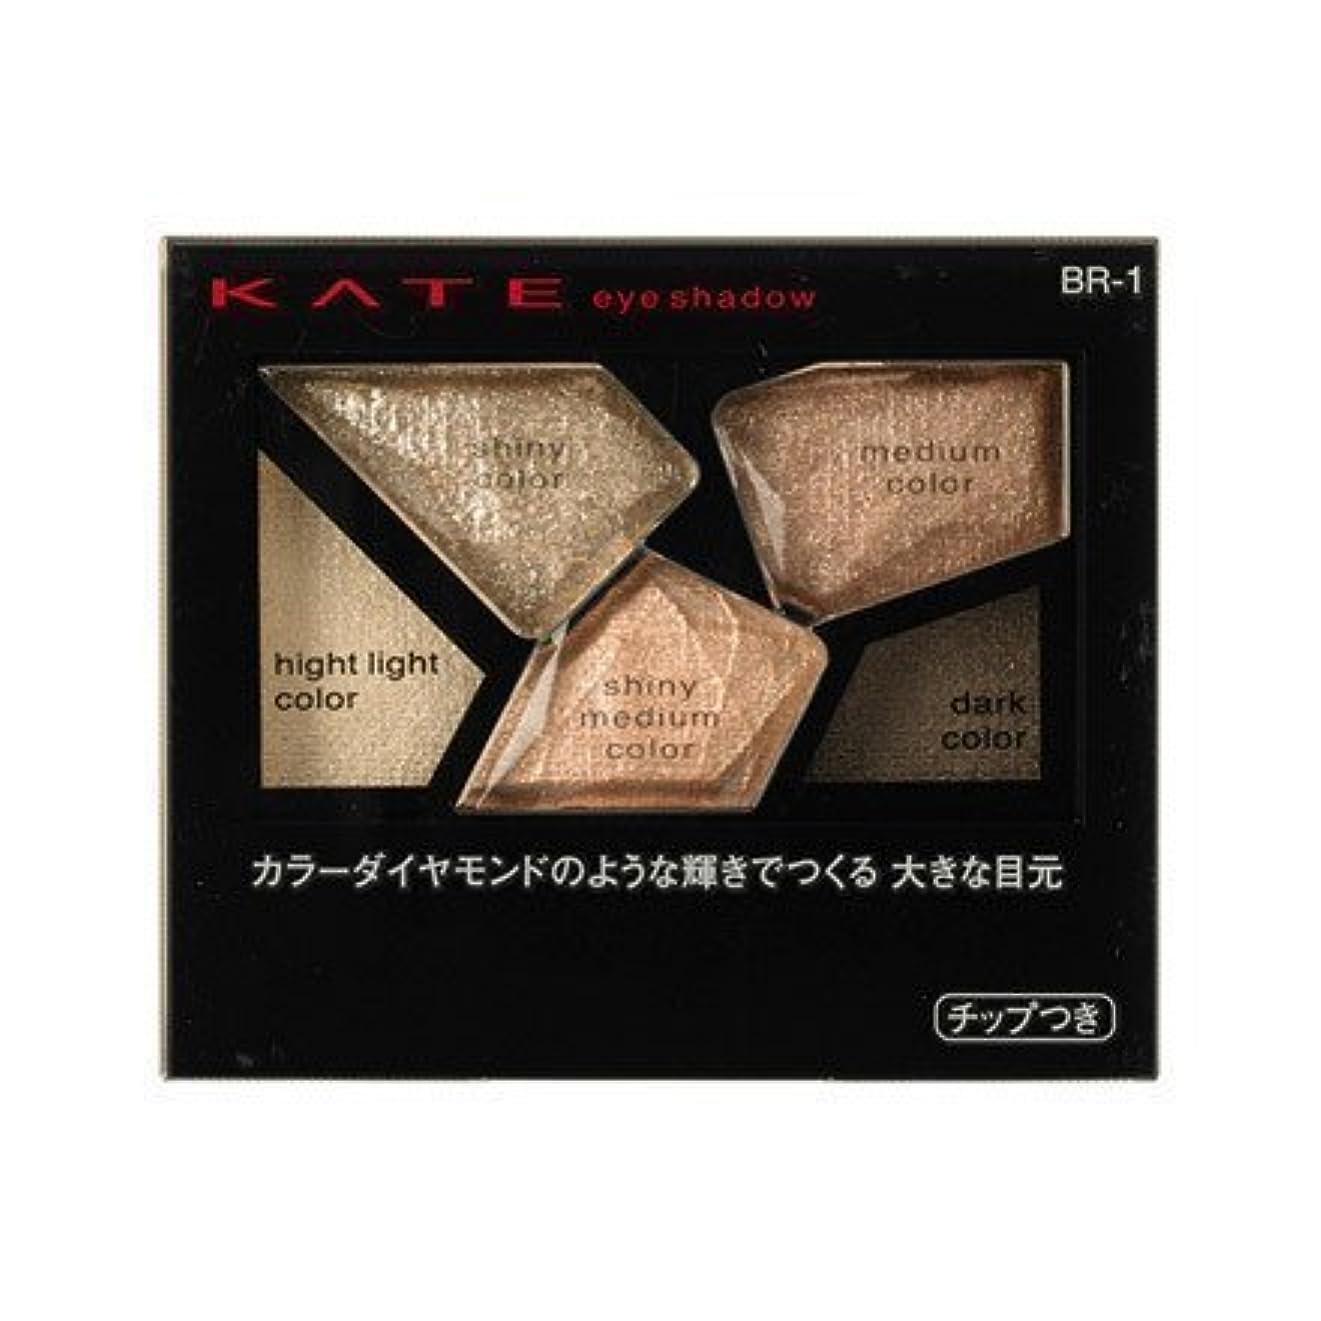 ラベンダーレベル正気【カネボウ】ケイト カラーシャスダイヤモンド #BR-1 2.8g